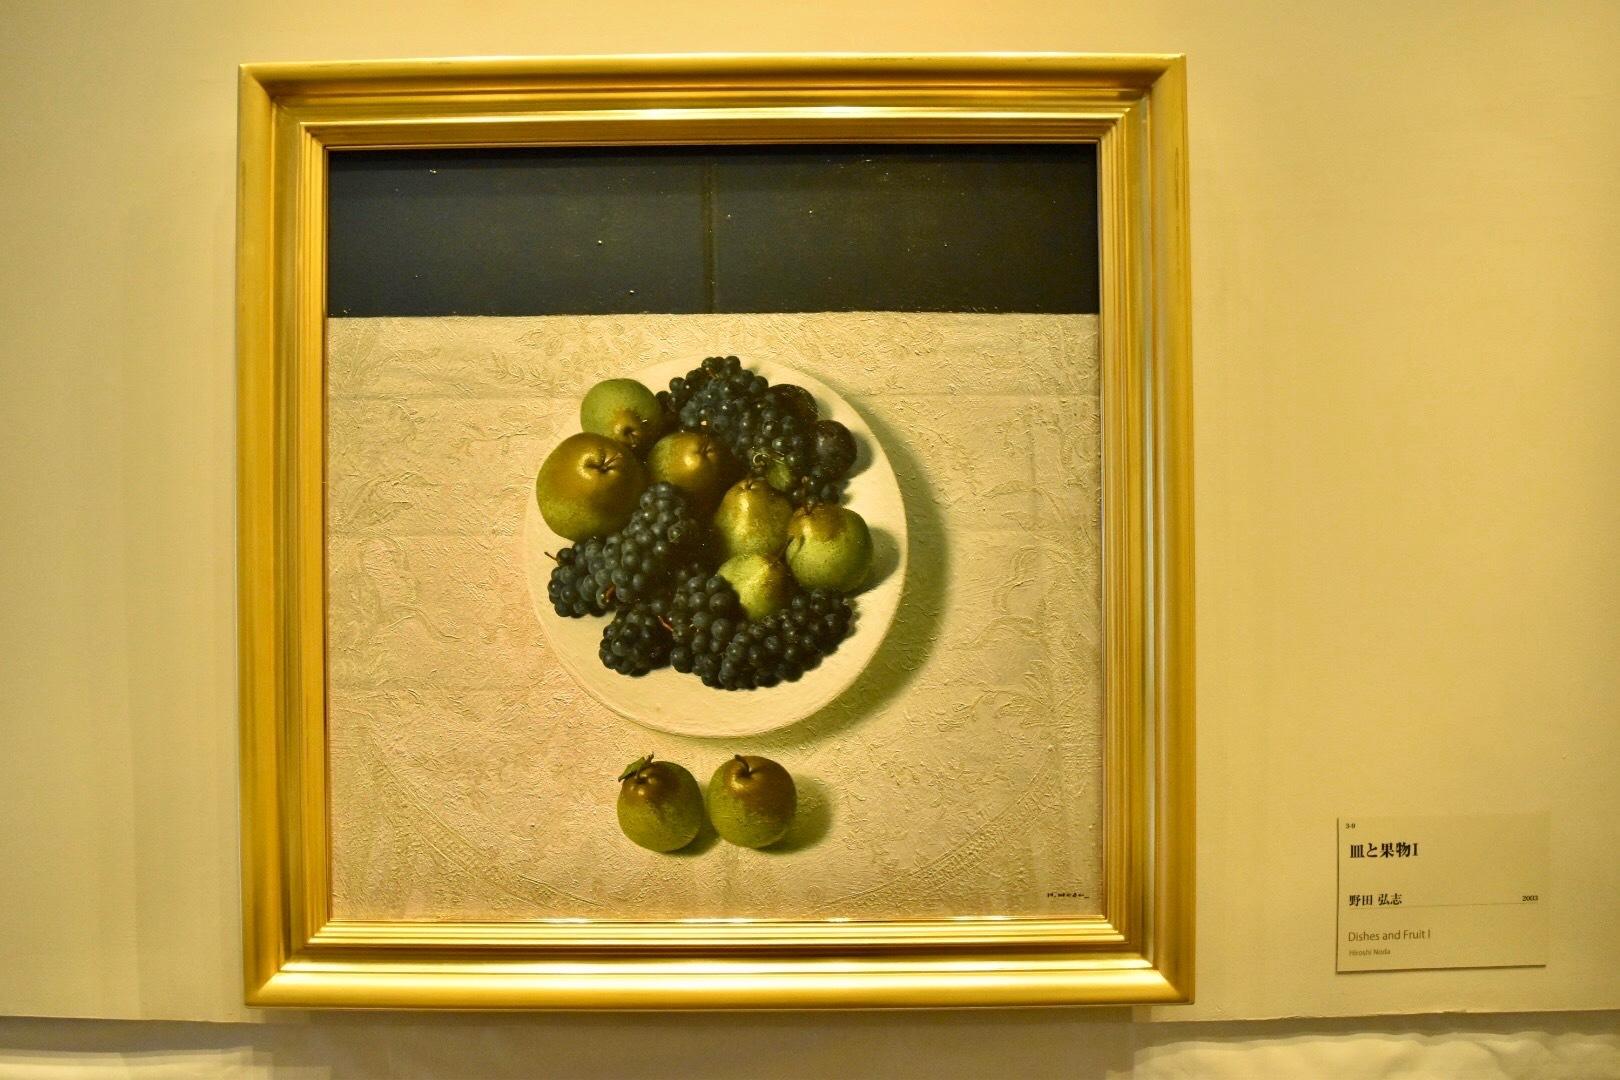 野田弘志 《皿と果物Ⅰ》 2003年